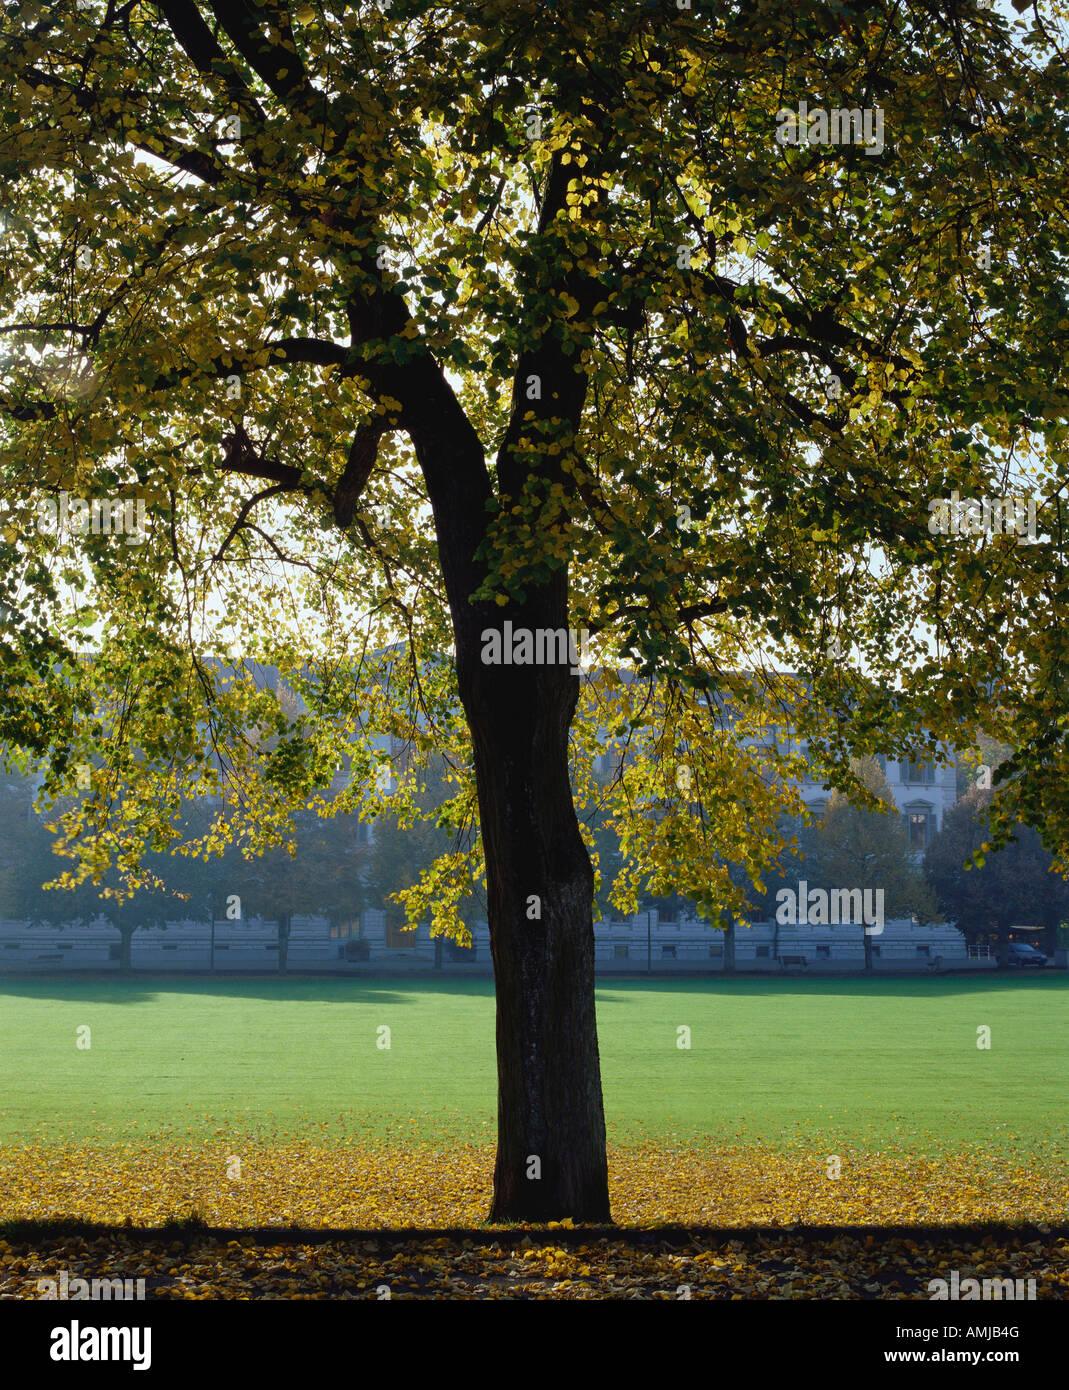 Switzerland Zofingen AG Tree in park - Stock Image